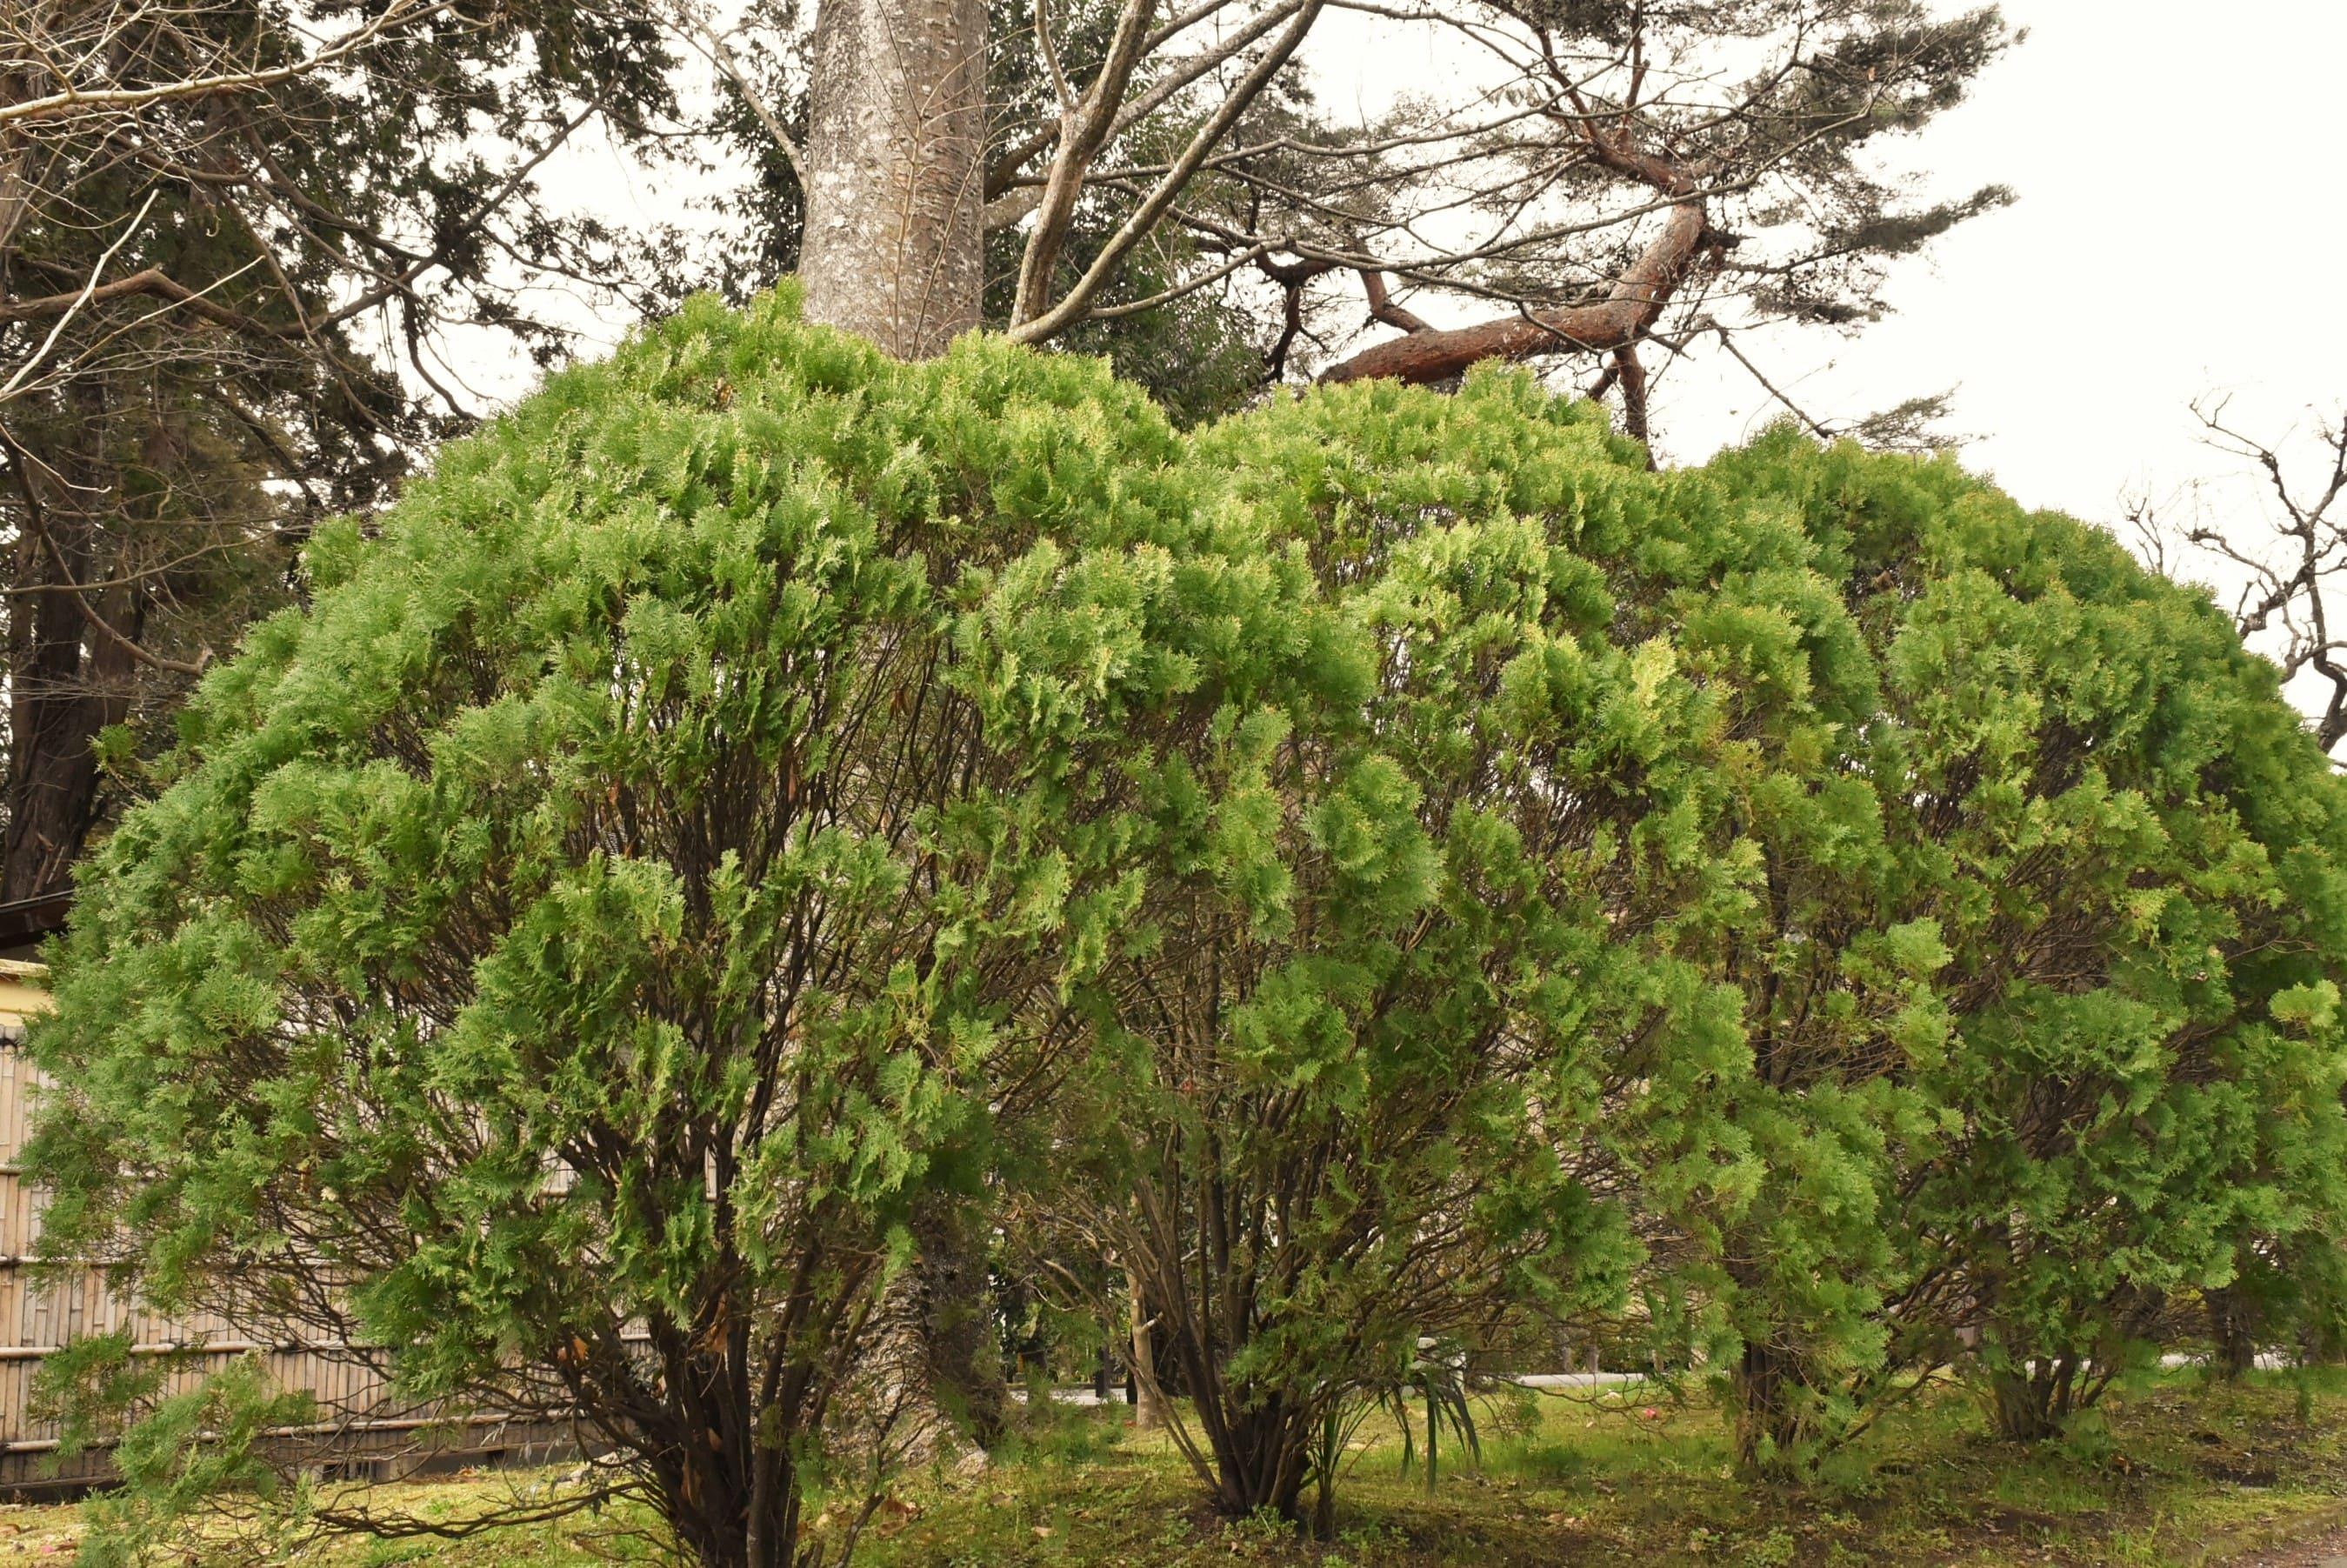 垣根に適した木 コノテガシワ